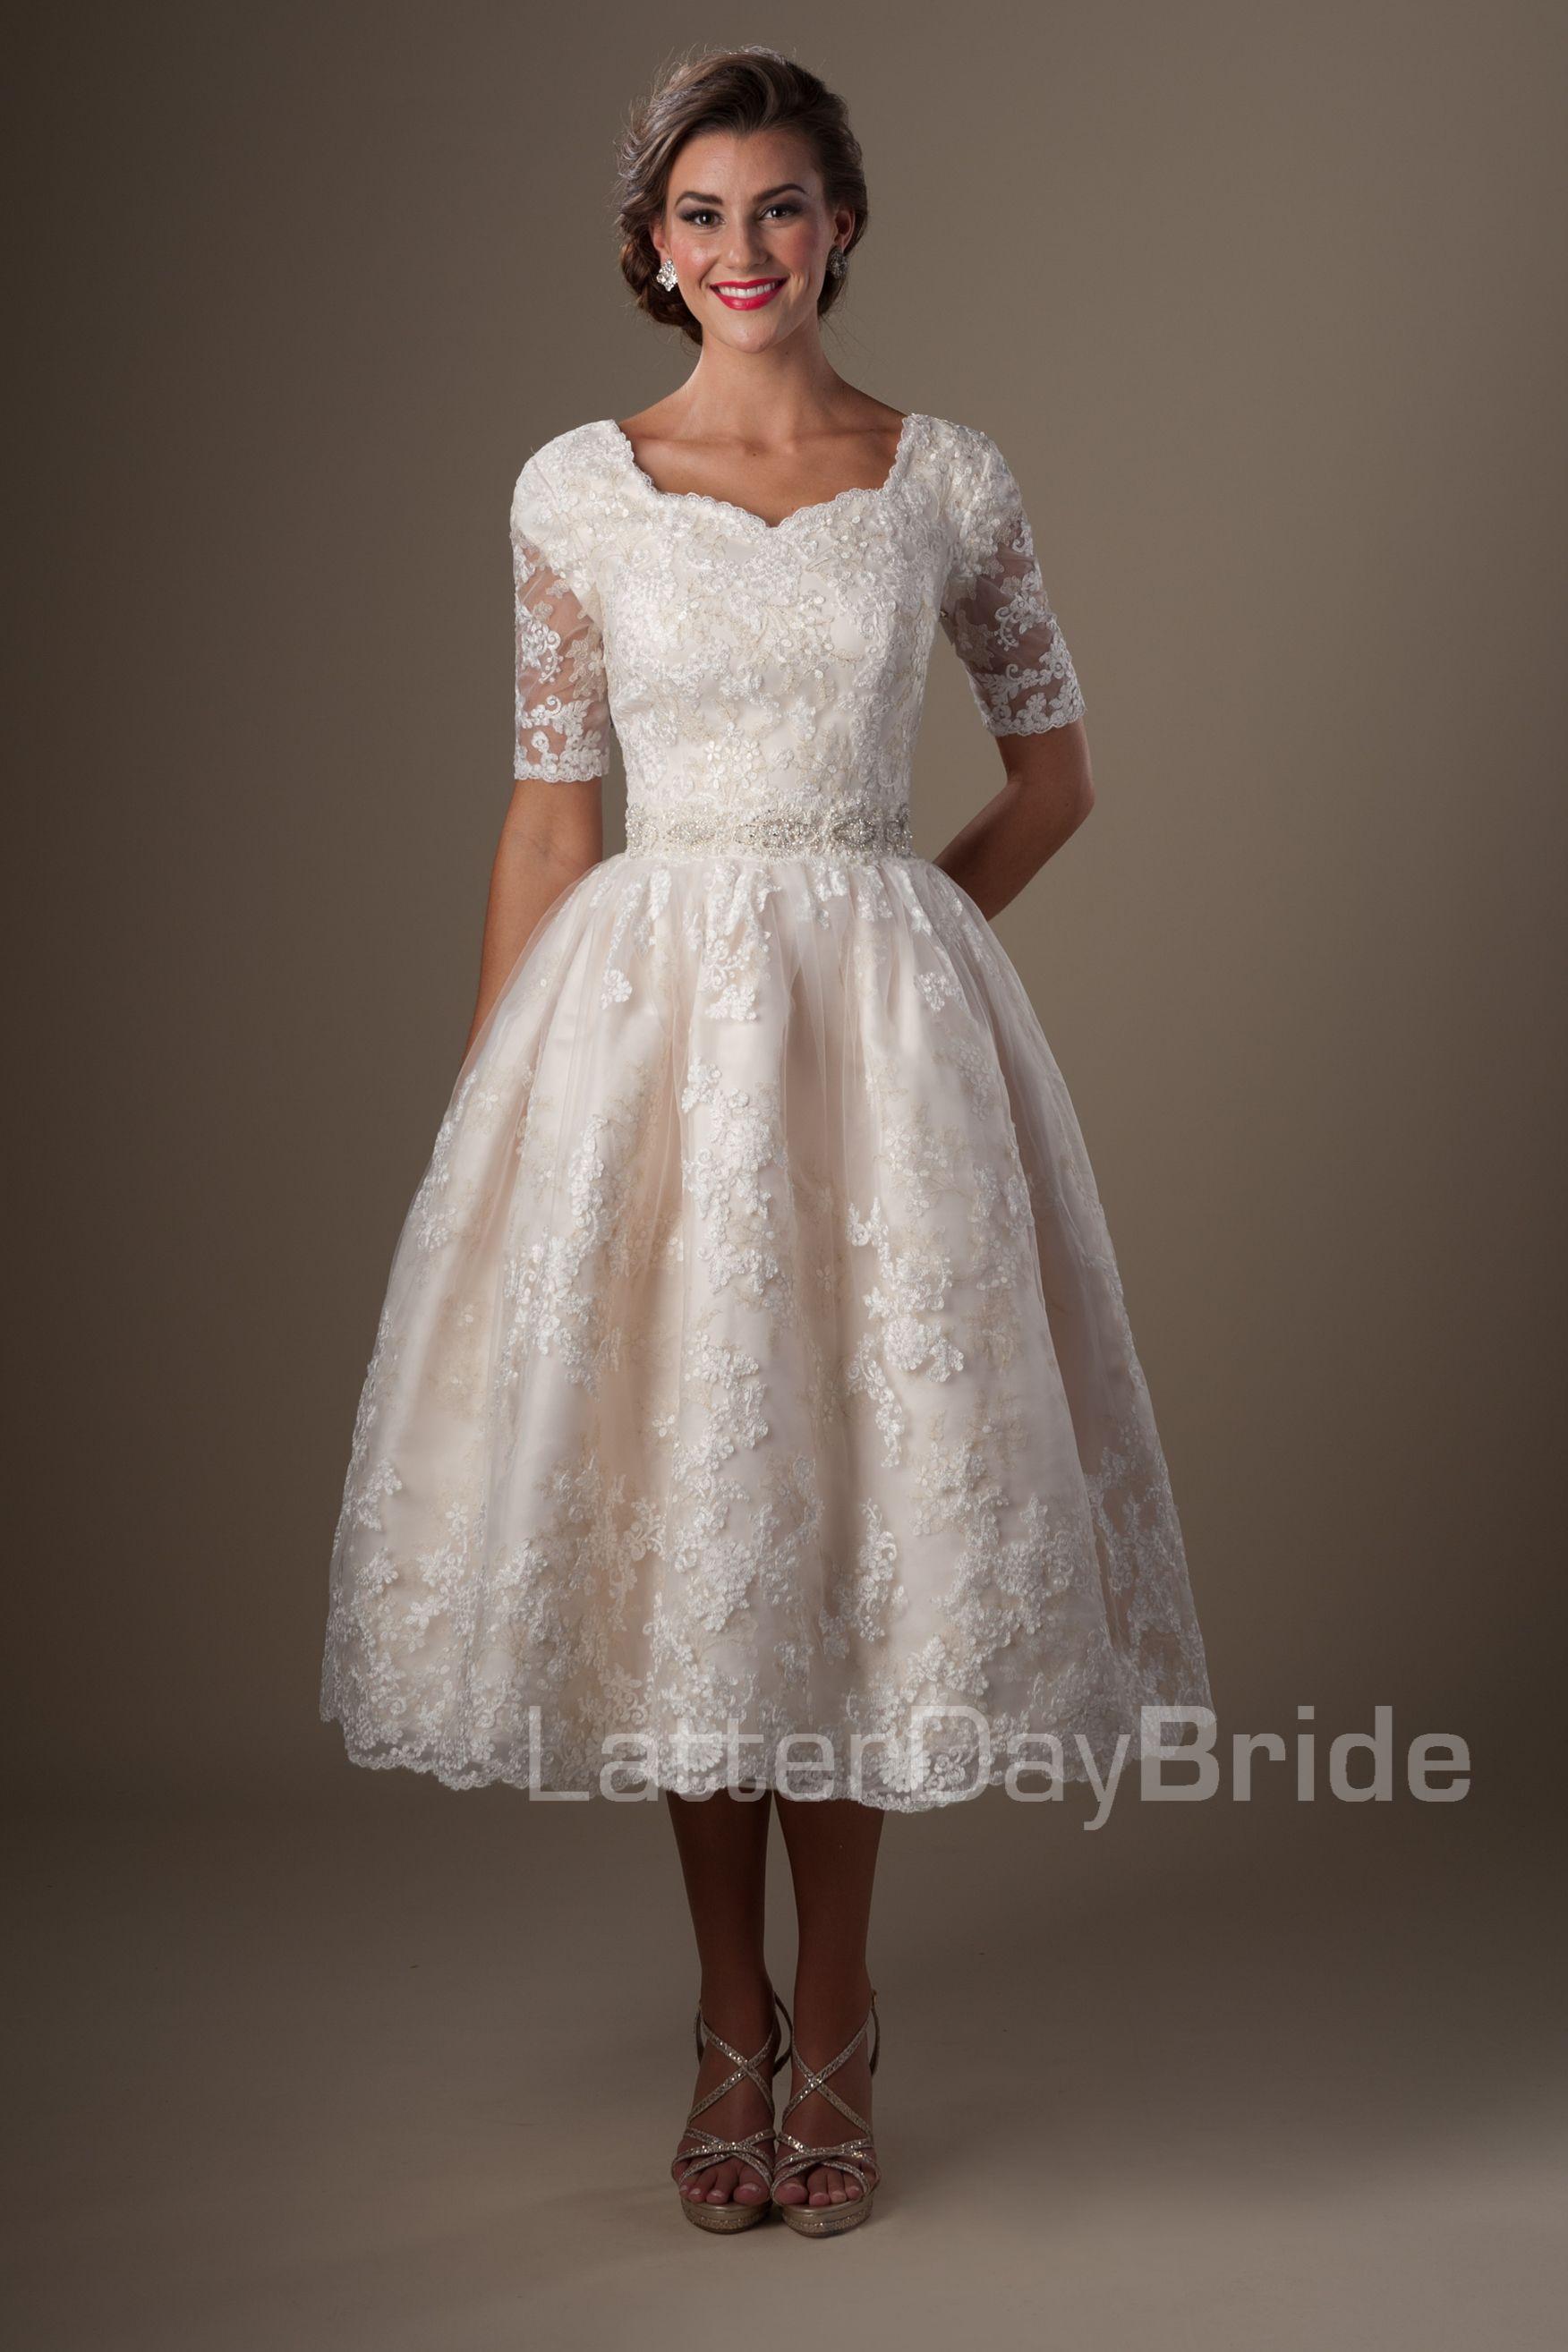 Vintage champagne lace tea length modest wedding dresses for Winter tea length wedding dresses